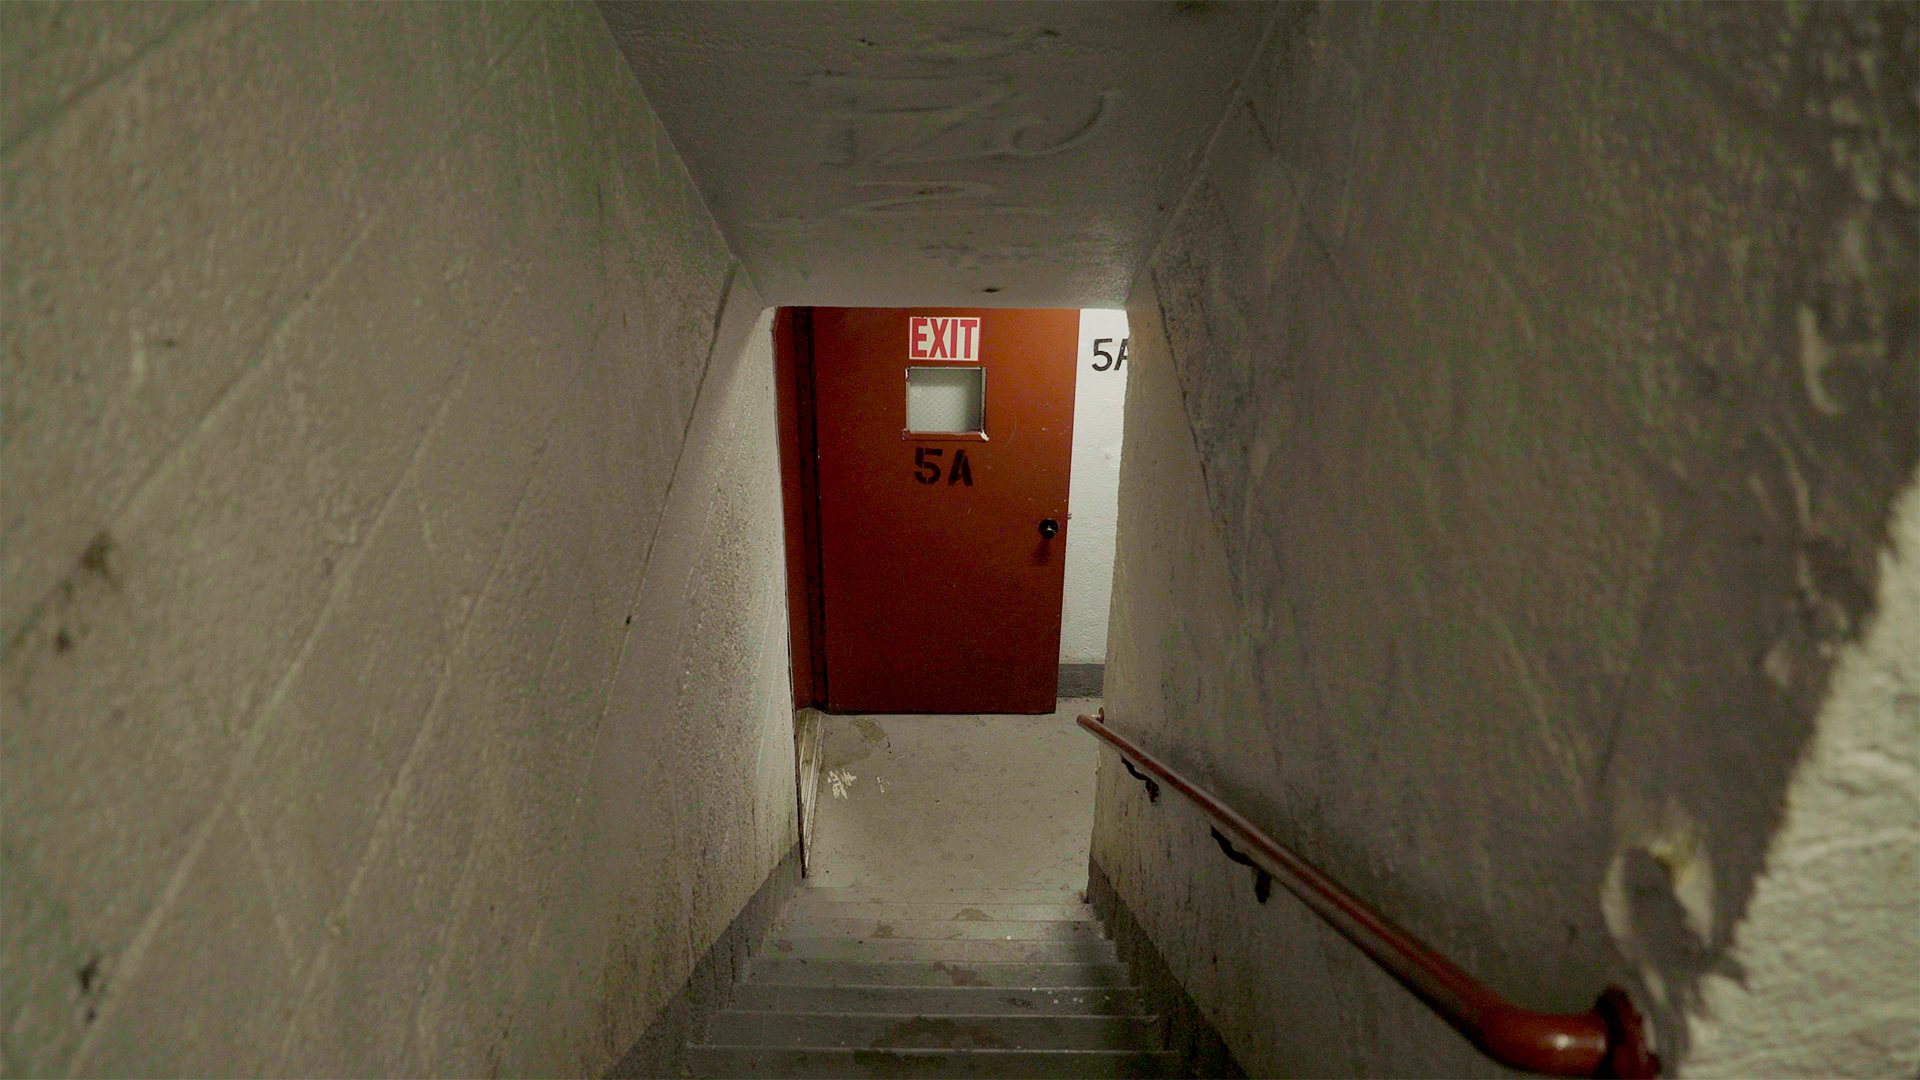 1downdarkstai 1 5 pubstill dds pubstill 007 pinkhouses stairwell5a